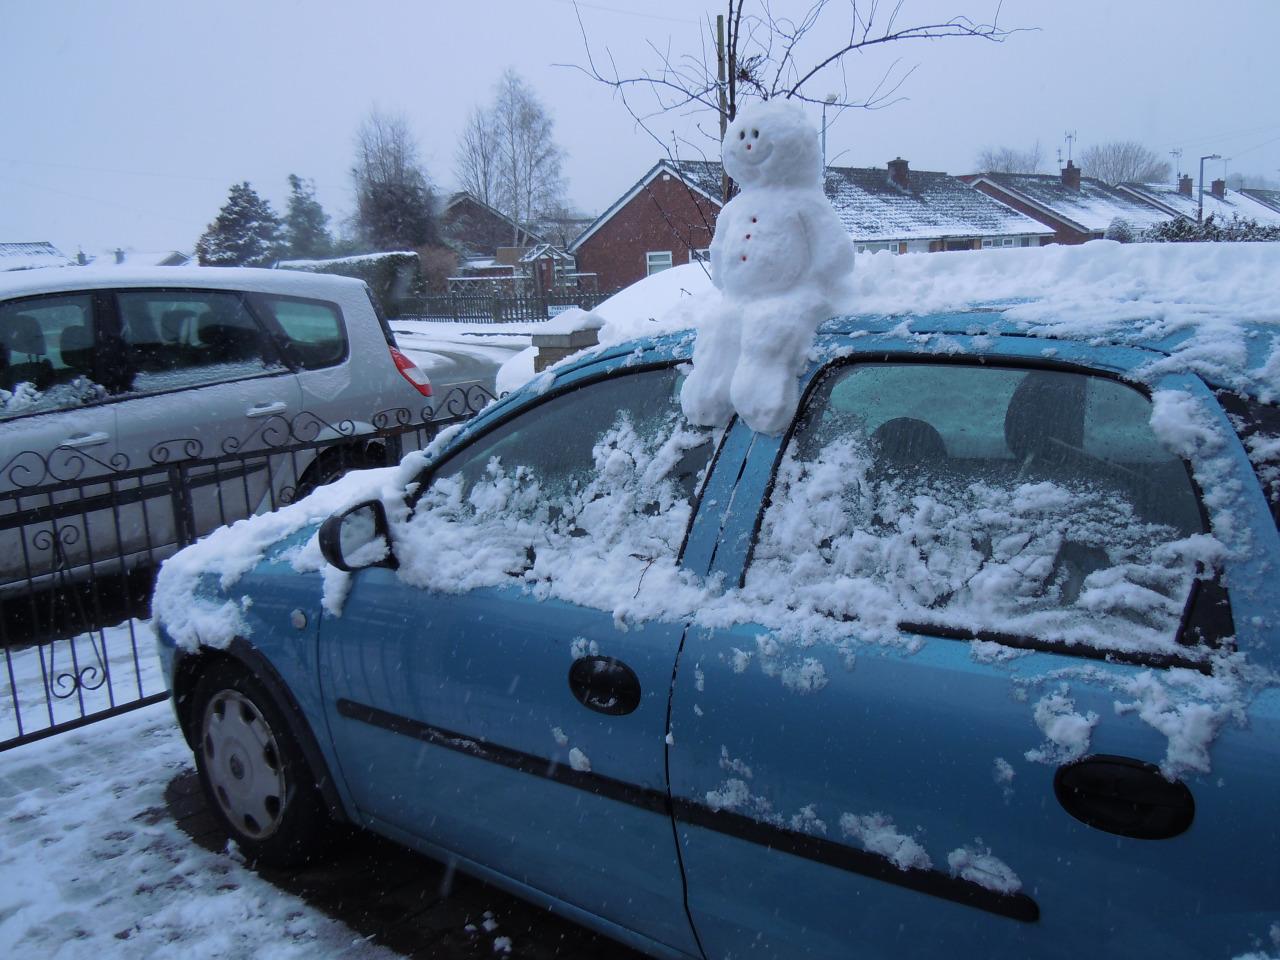 snowman on the car